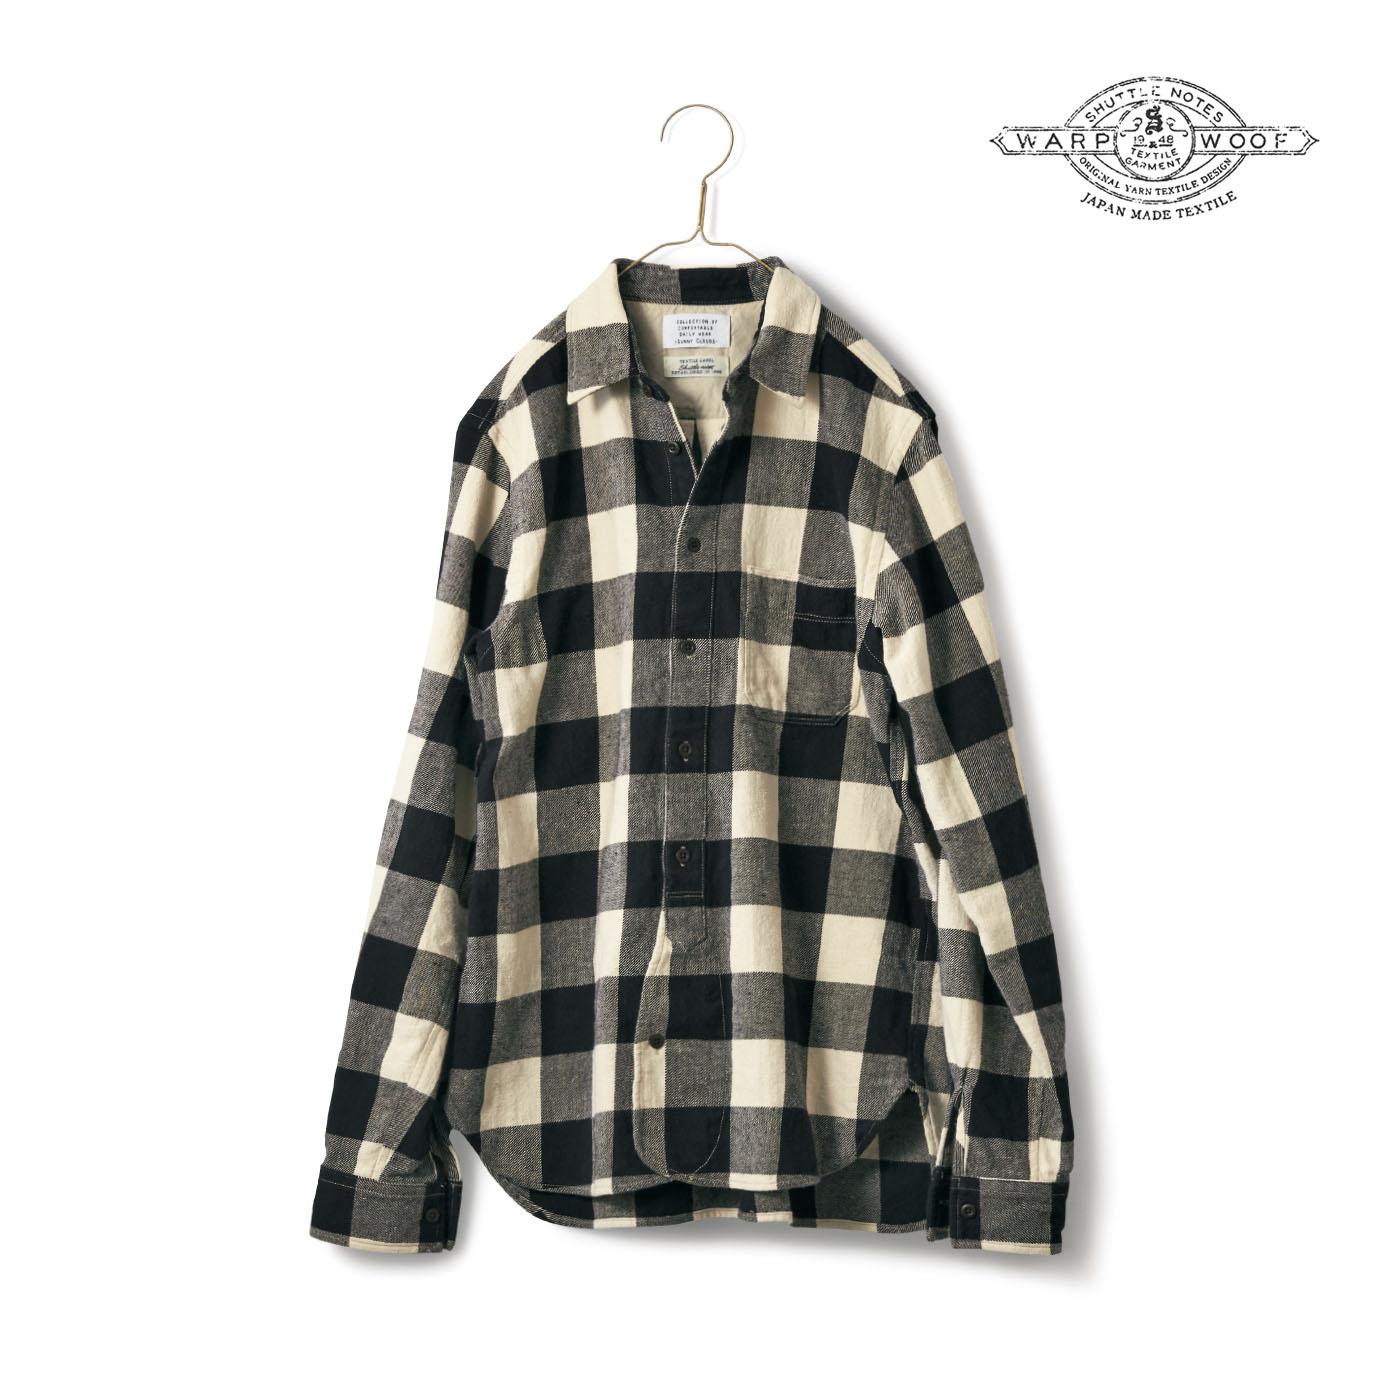 フェリシモ サニークラウズ feat. Shuttle Notes ブロックチェックのシャツ〈メンズ〉